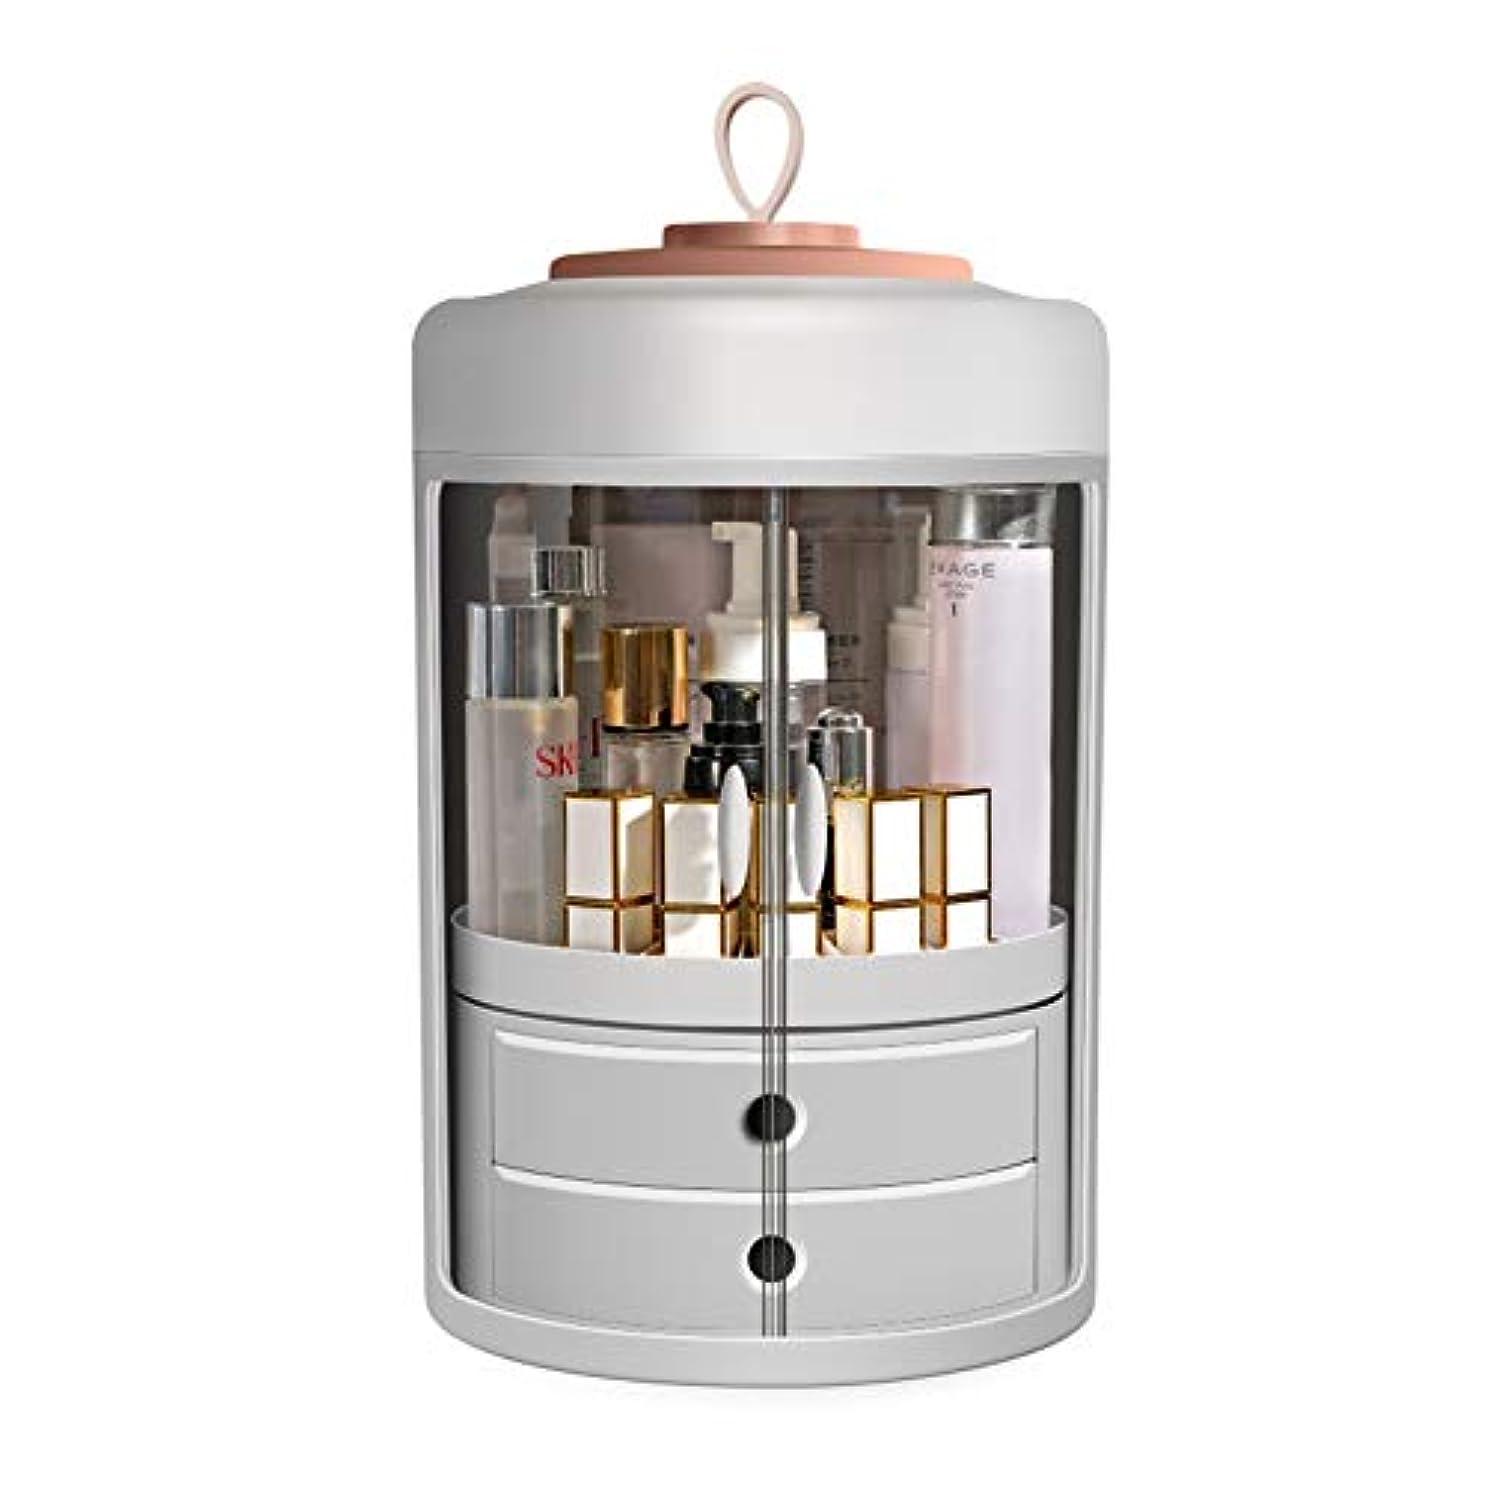 修理可能野心的価値化粧品収納 コスメ収納ボックス メイクケース 360度回転 防塵 防水 取っ手付き 旅行用 化粧ケース付き 二つ引き出し 透明